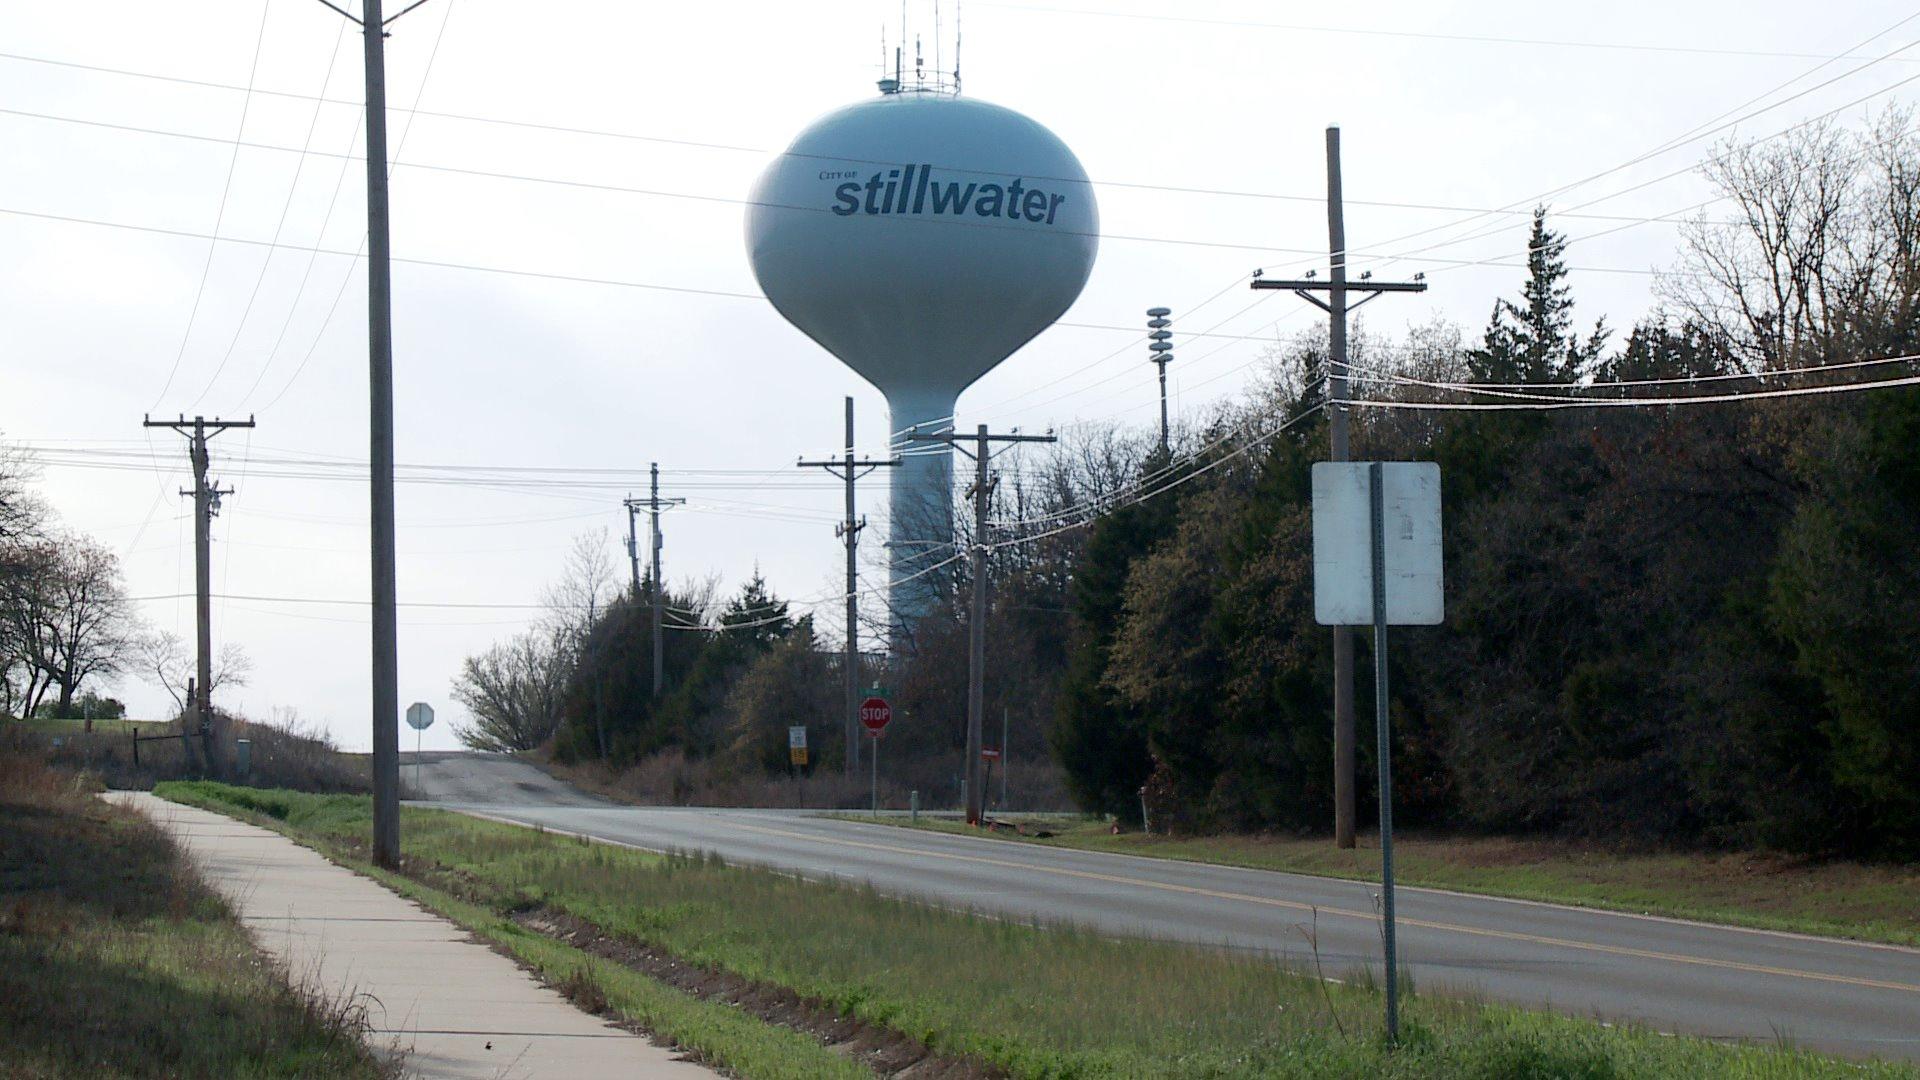 Stillwater water tower